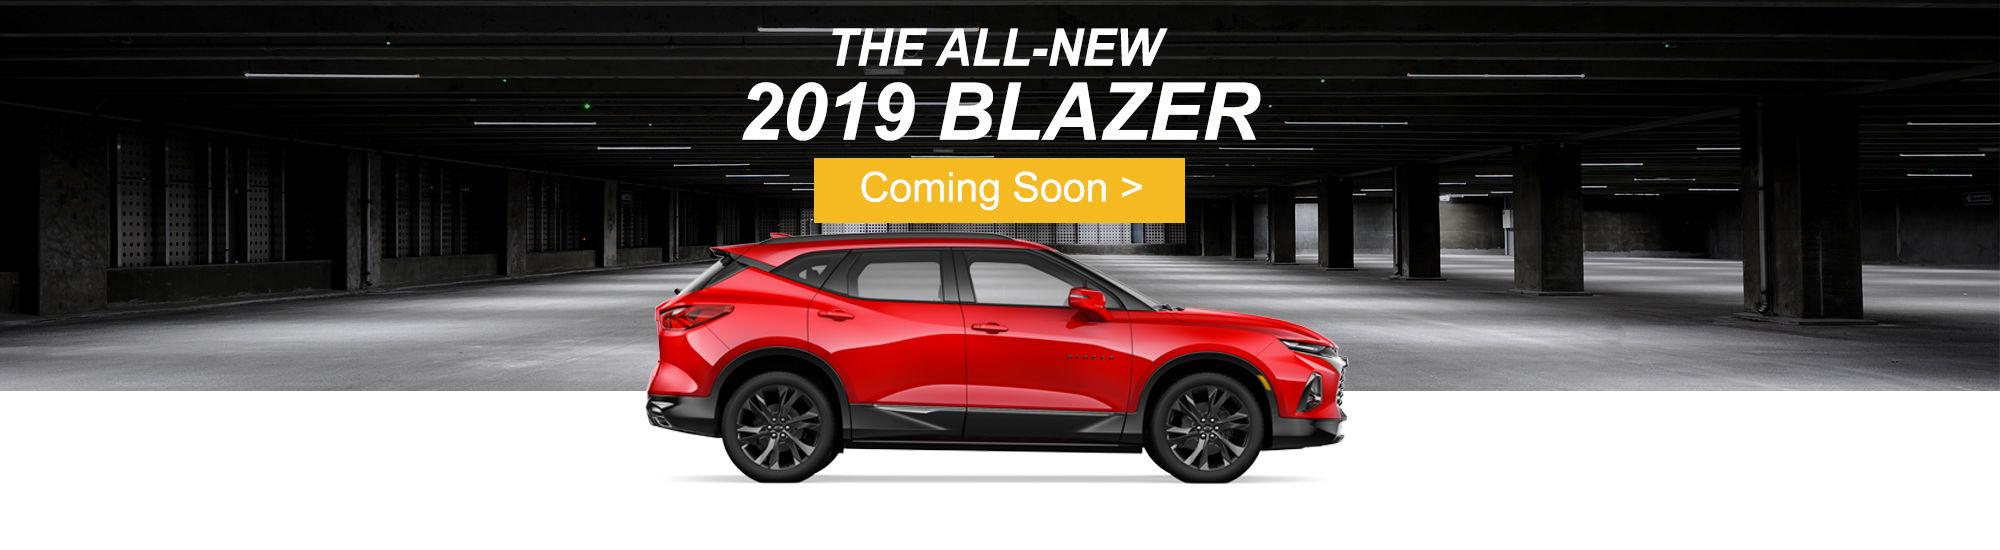 2019 Blazer